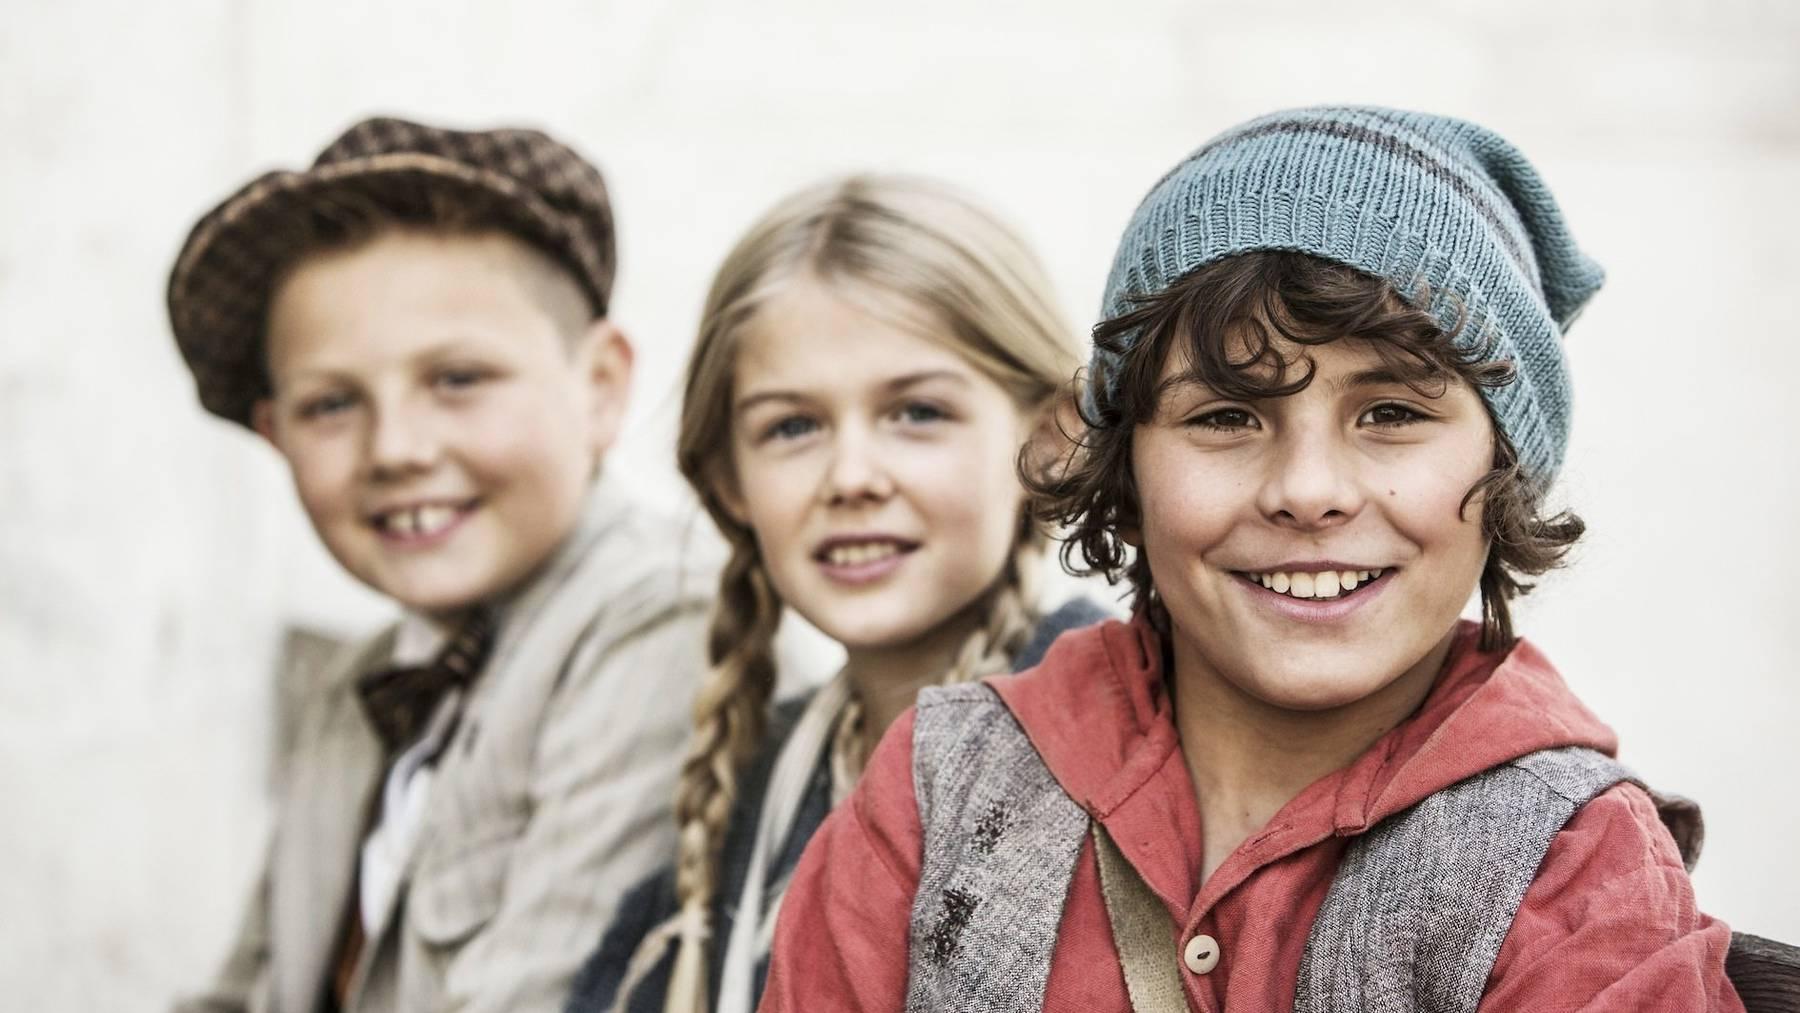 Die Kinderstars aus Schellen-Ursli live erleben.